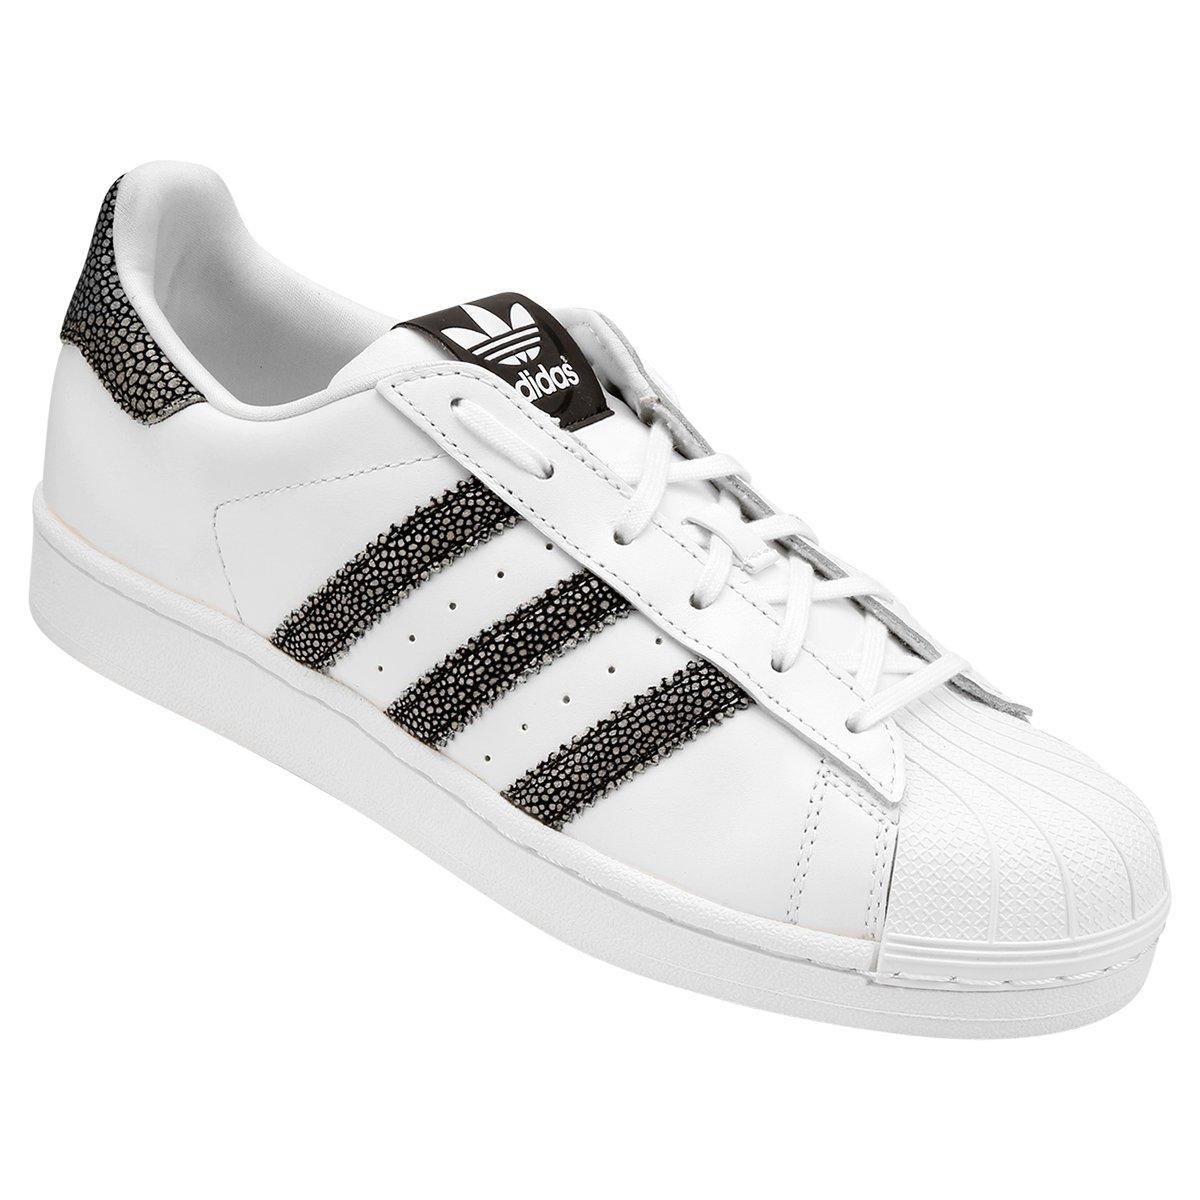 f9e64291c91 Tênis Adidas Superstar W - Compre Agora